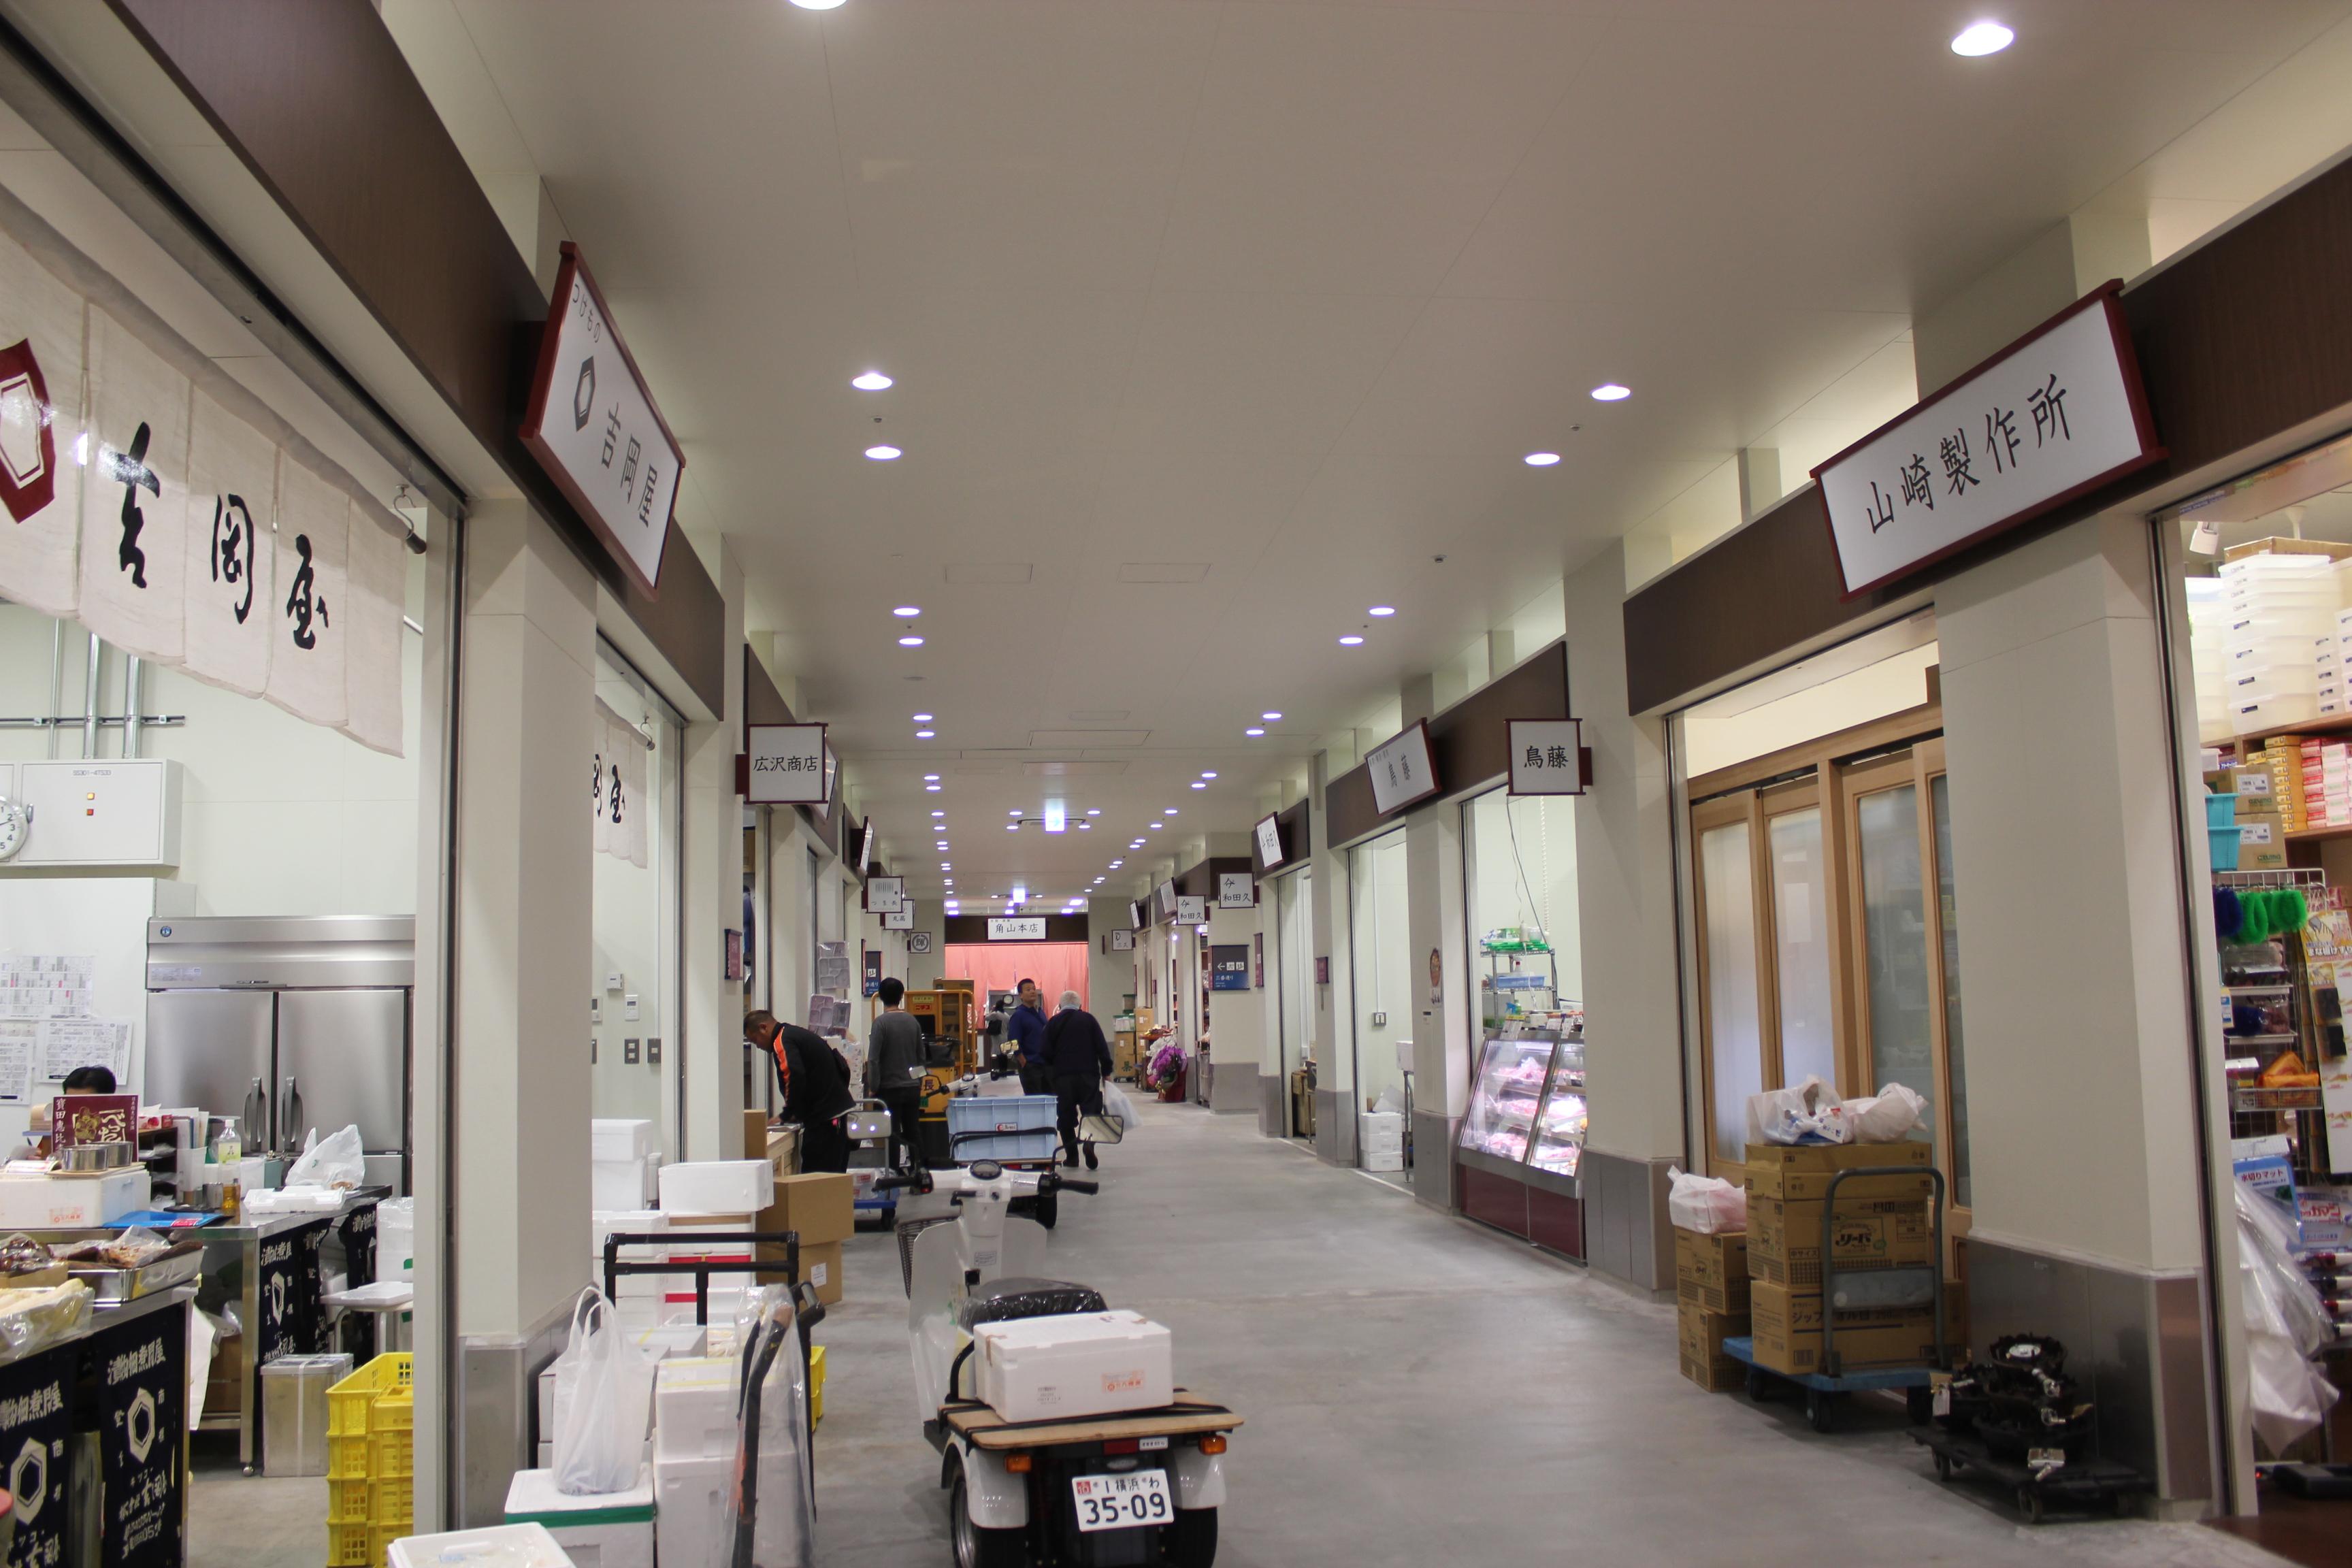 水産仲卸売場棟内の店舗スペース